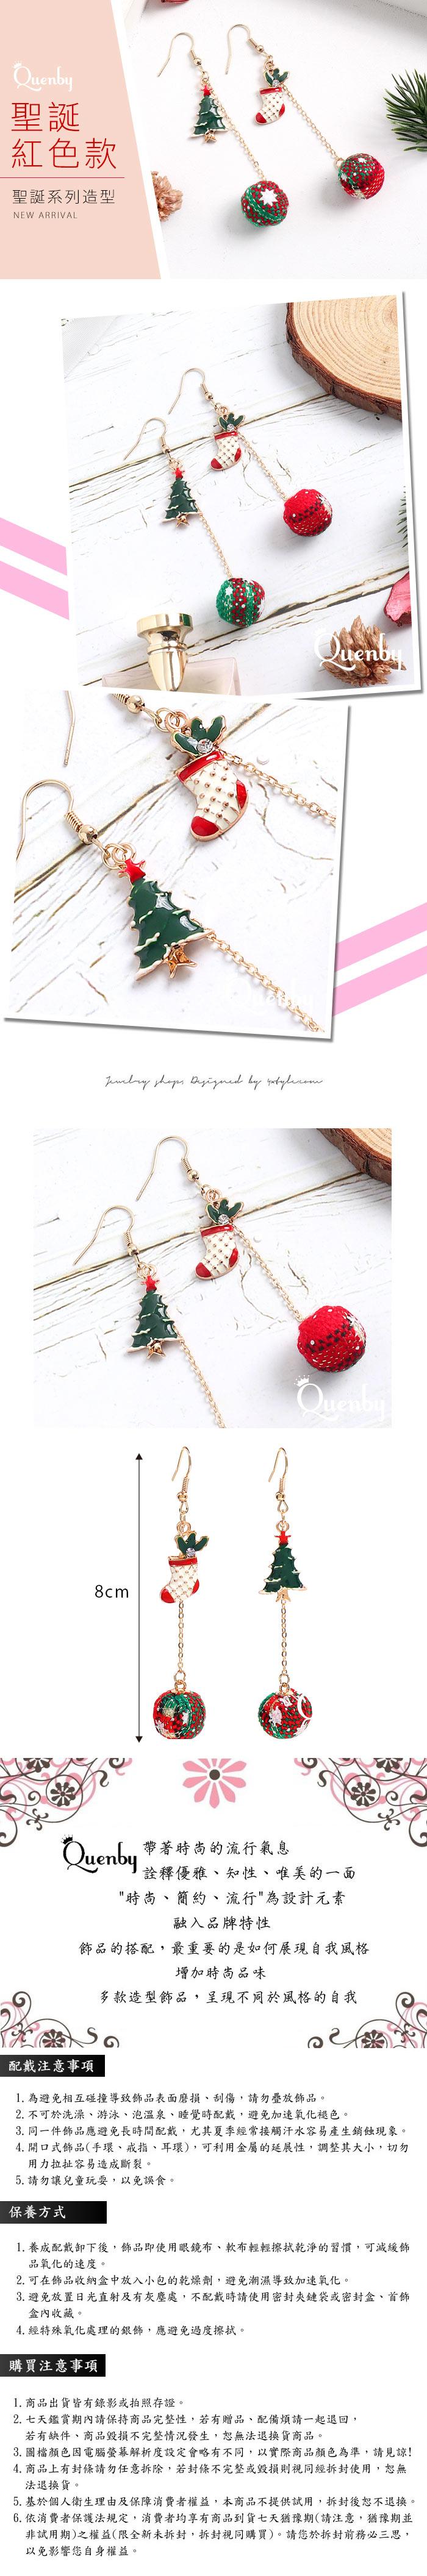 Quenby 秋冬聖誕色系聖誕樹聖誕襪長耳環/耳針